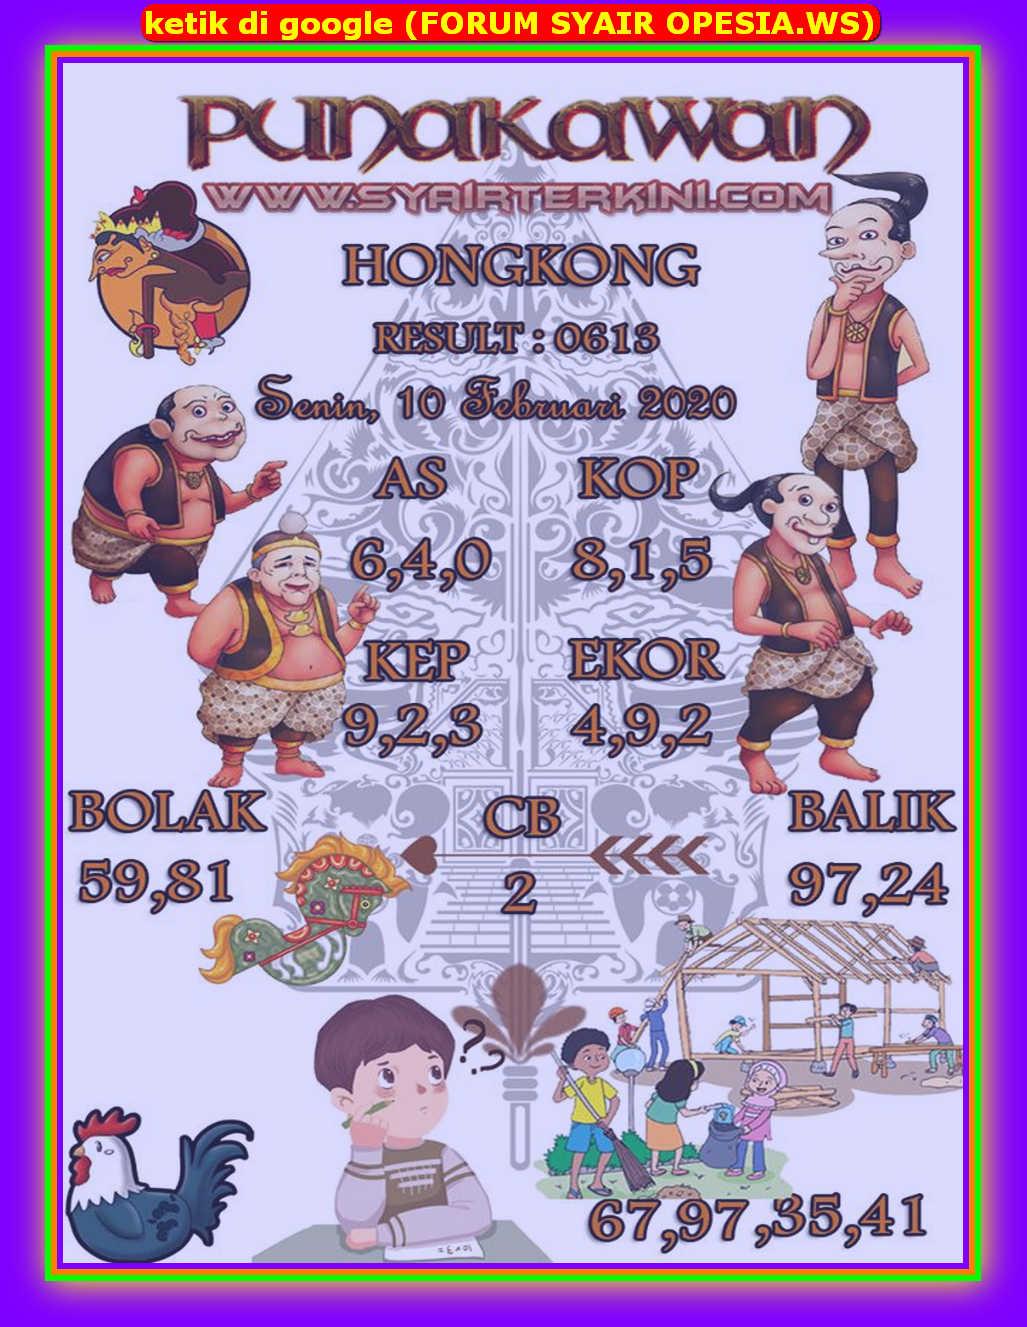 Kode syair Hongkong Senin 10 Februari 2020 108